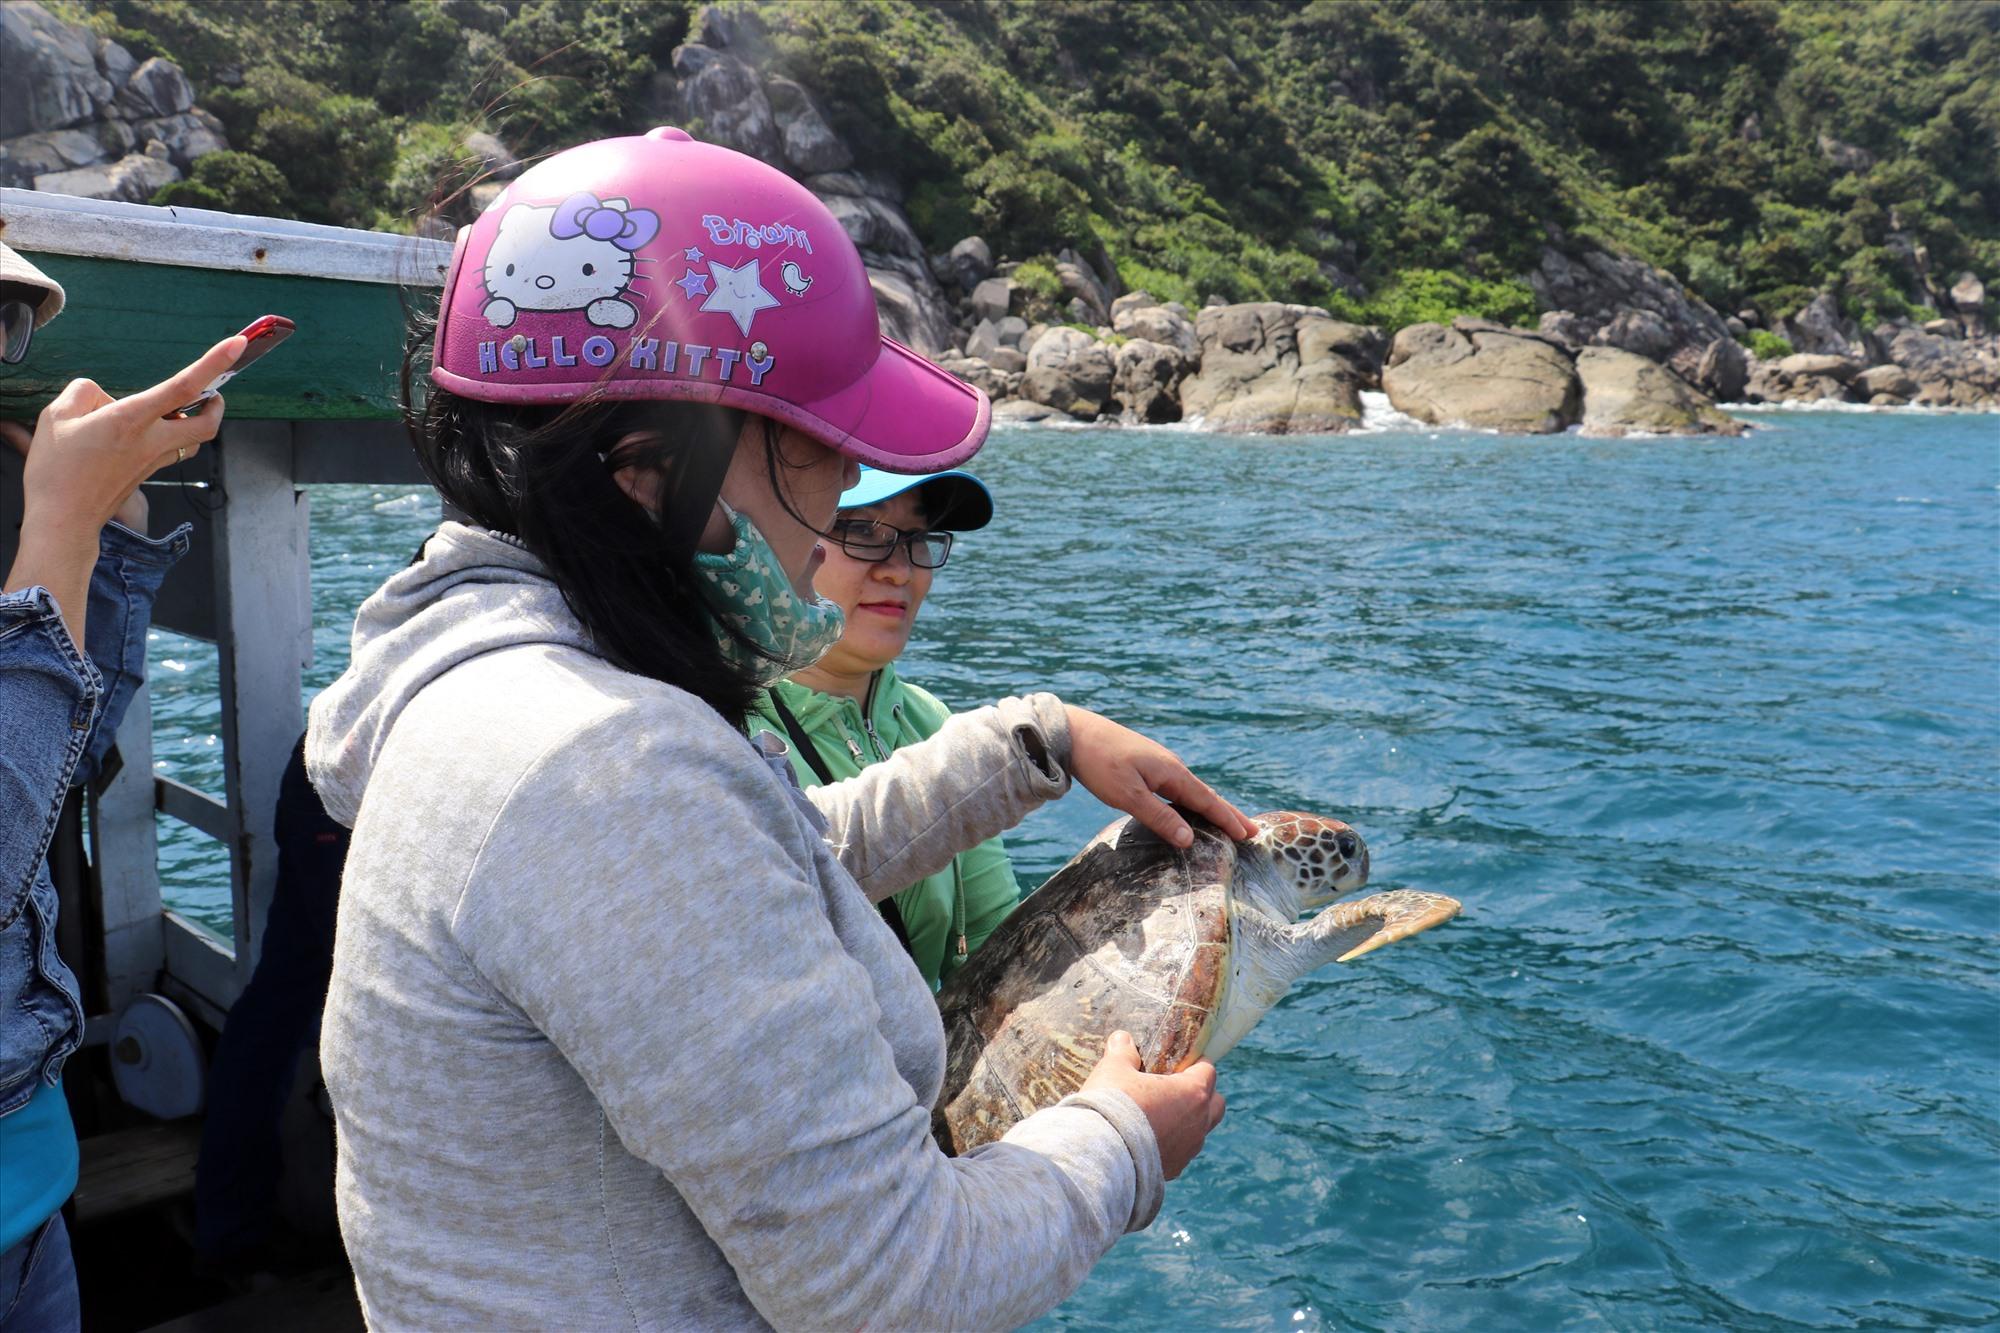 Nhờ công tác truyền thông cộng đồng hiệu quả, ngày càng có nhiều rùa biển được thả về tự nhiên sau khi mắc lưới ngư dân. Ảnh: Q.T